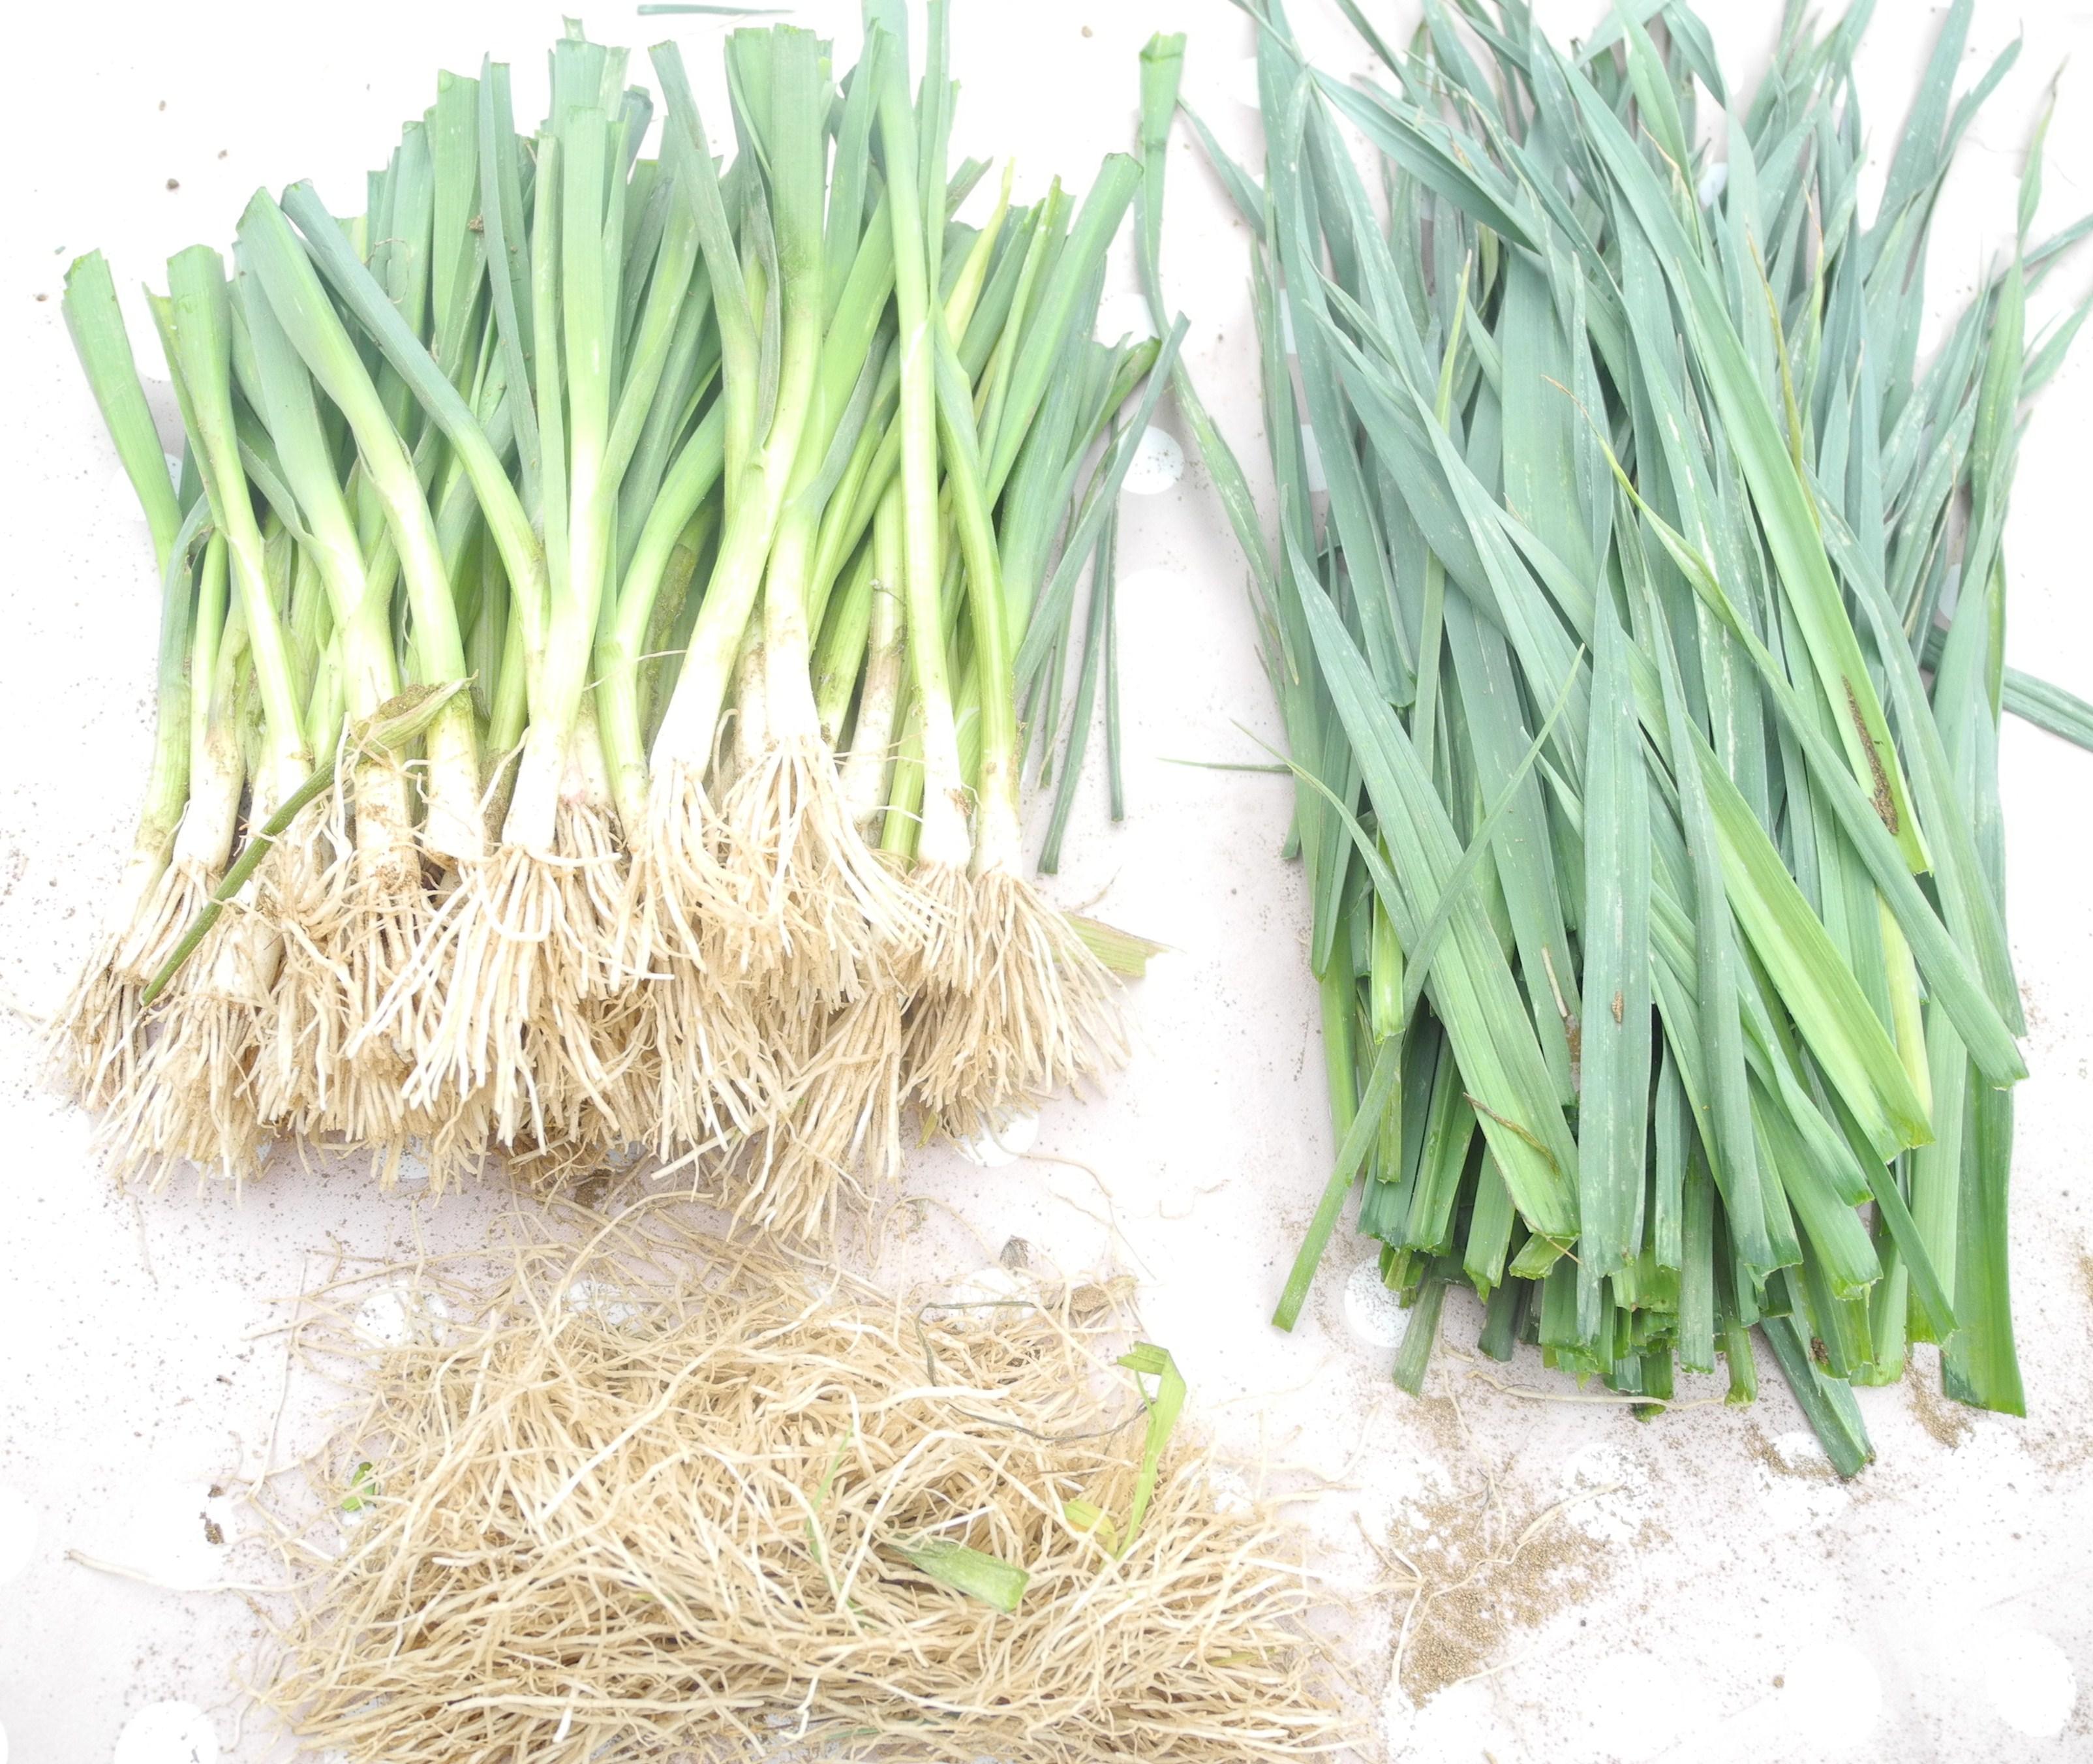 Oignon Blanc A Planter planter des poireaux - jardiner avec jean-paul